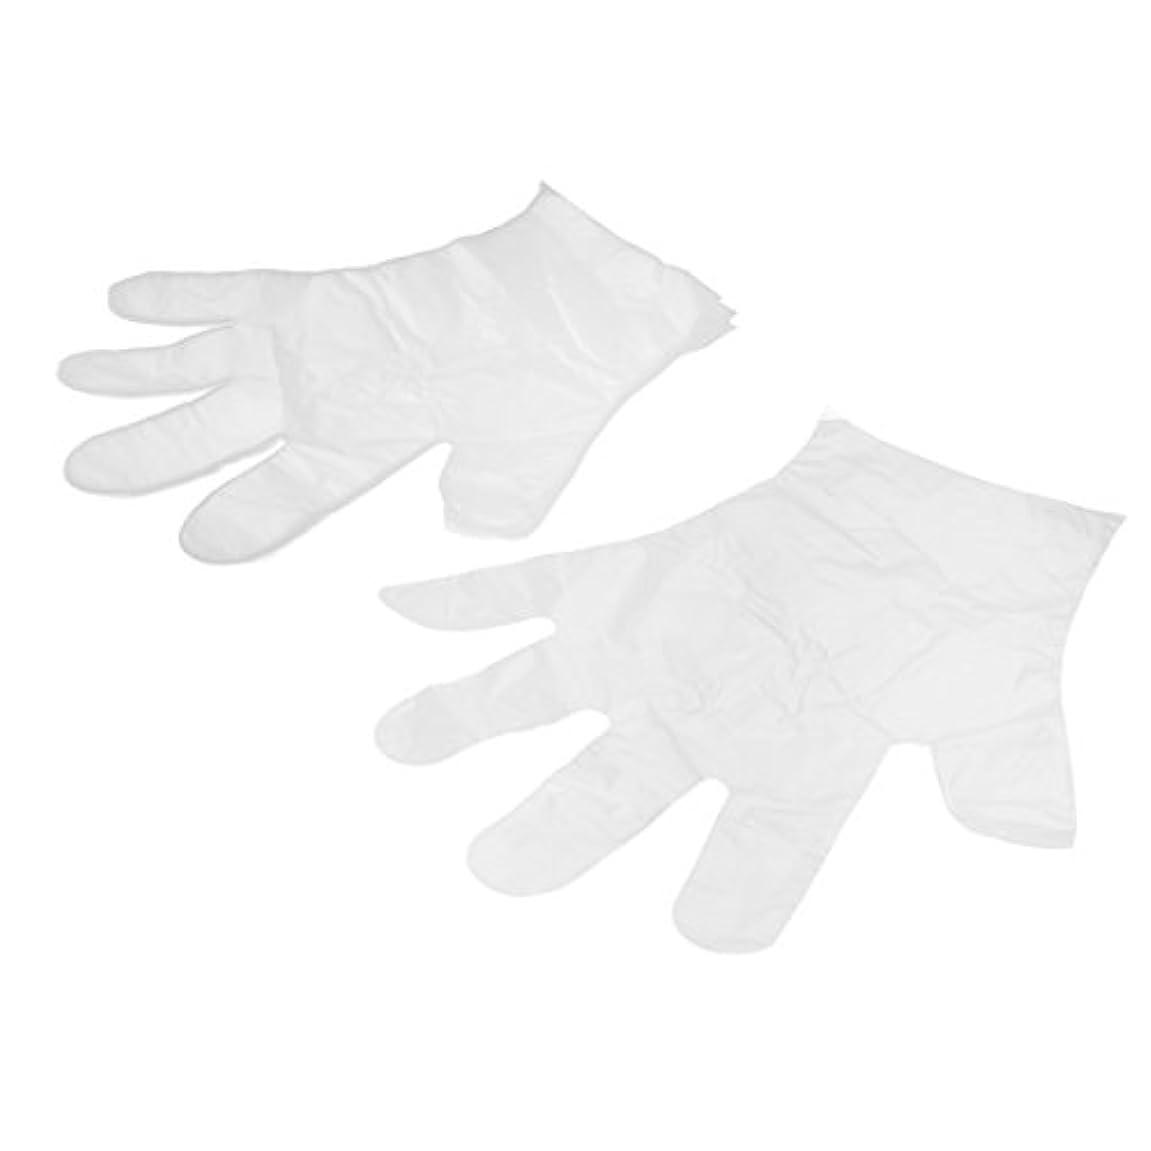 言うまでもなく平方ブローuxcell 使い捨て手袋 家庭用 食べ物サービス 手の保護 透明 プラスチック 28 x 20cm 25ペア入り